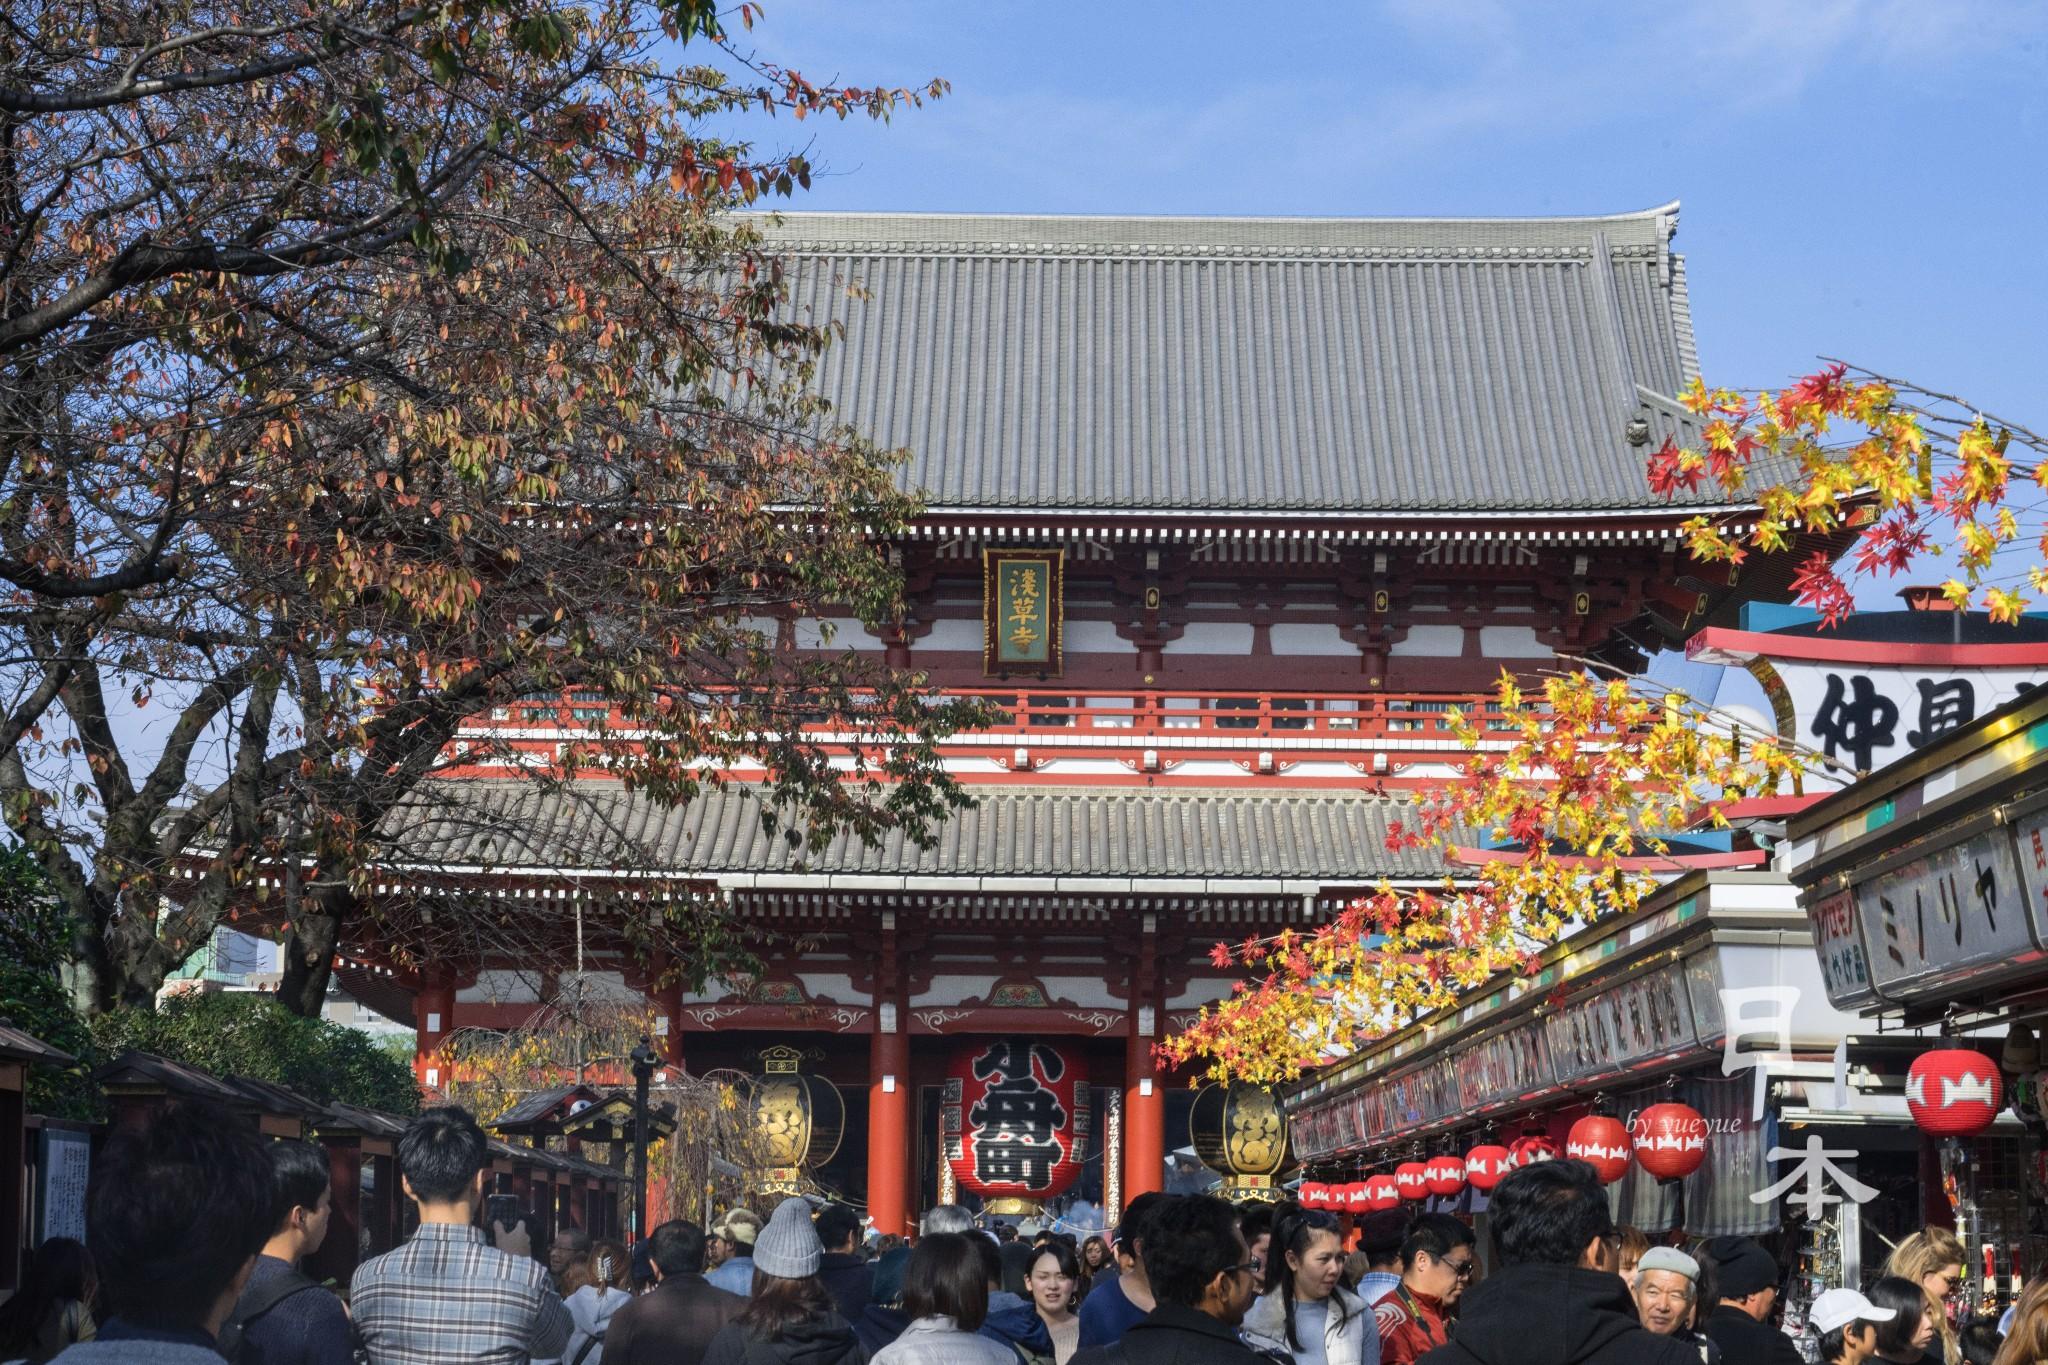 【日本景点图片】浅草寺